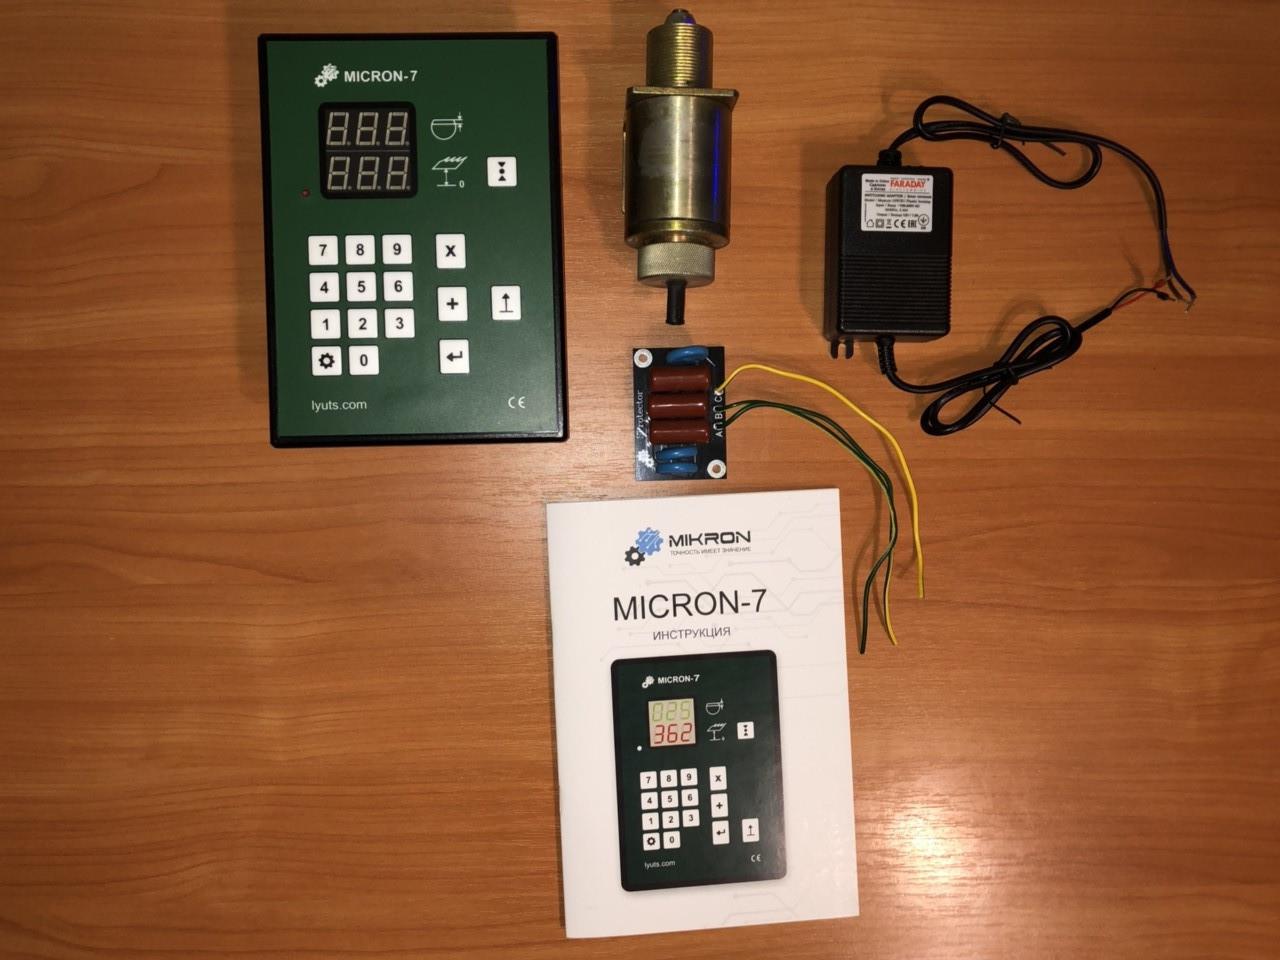 Електронна лінійка на пилораму Micron-7 + CL-80 датчик